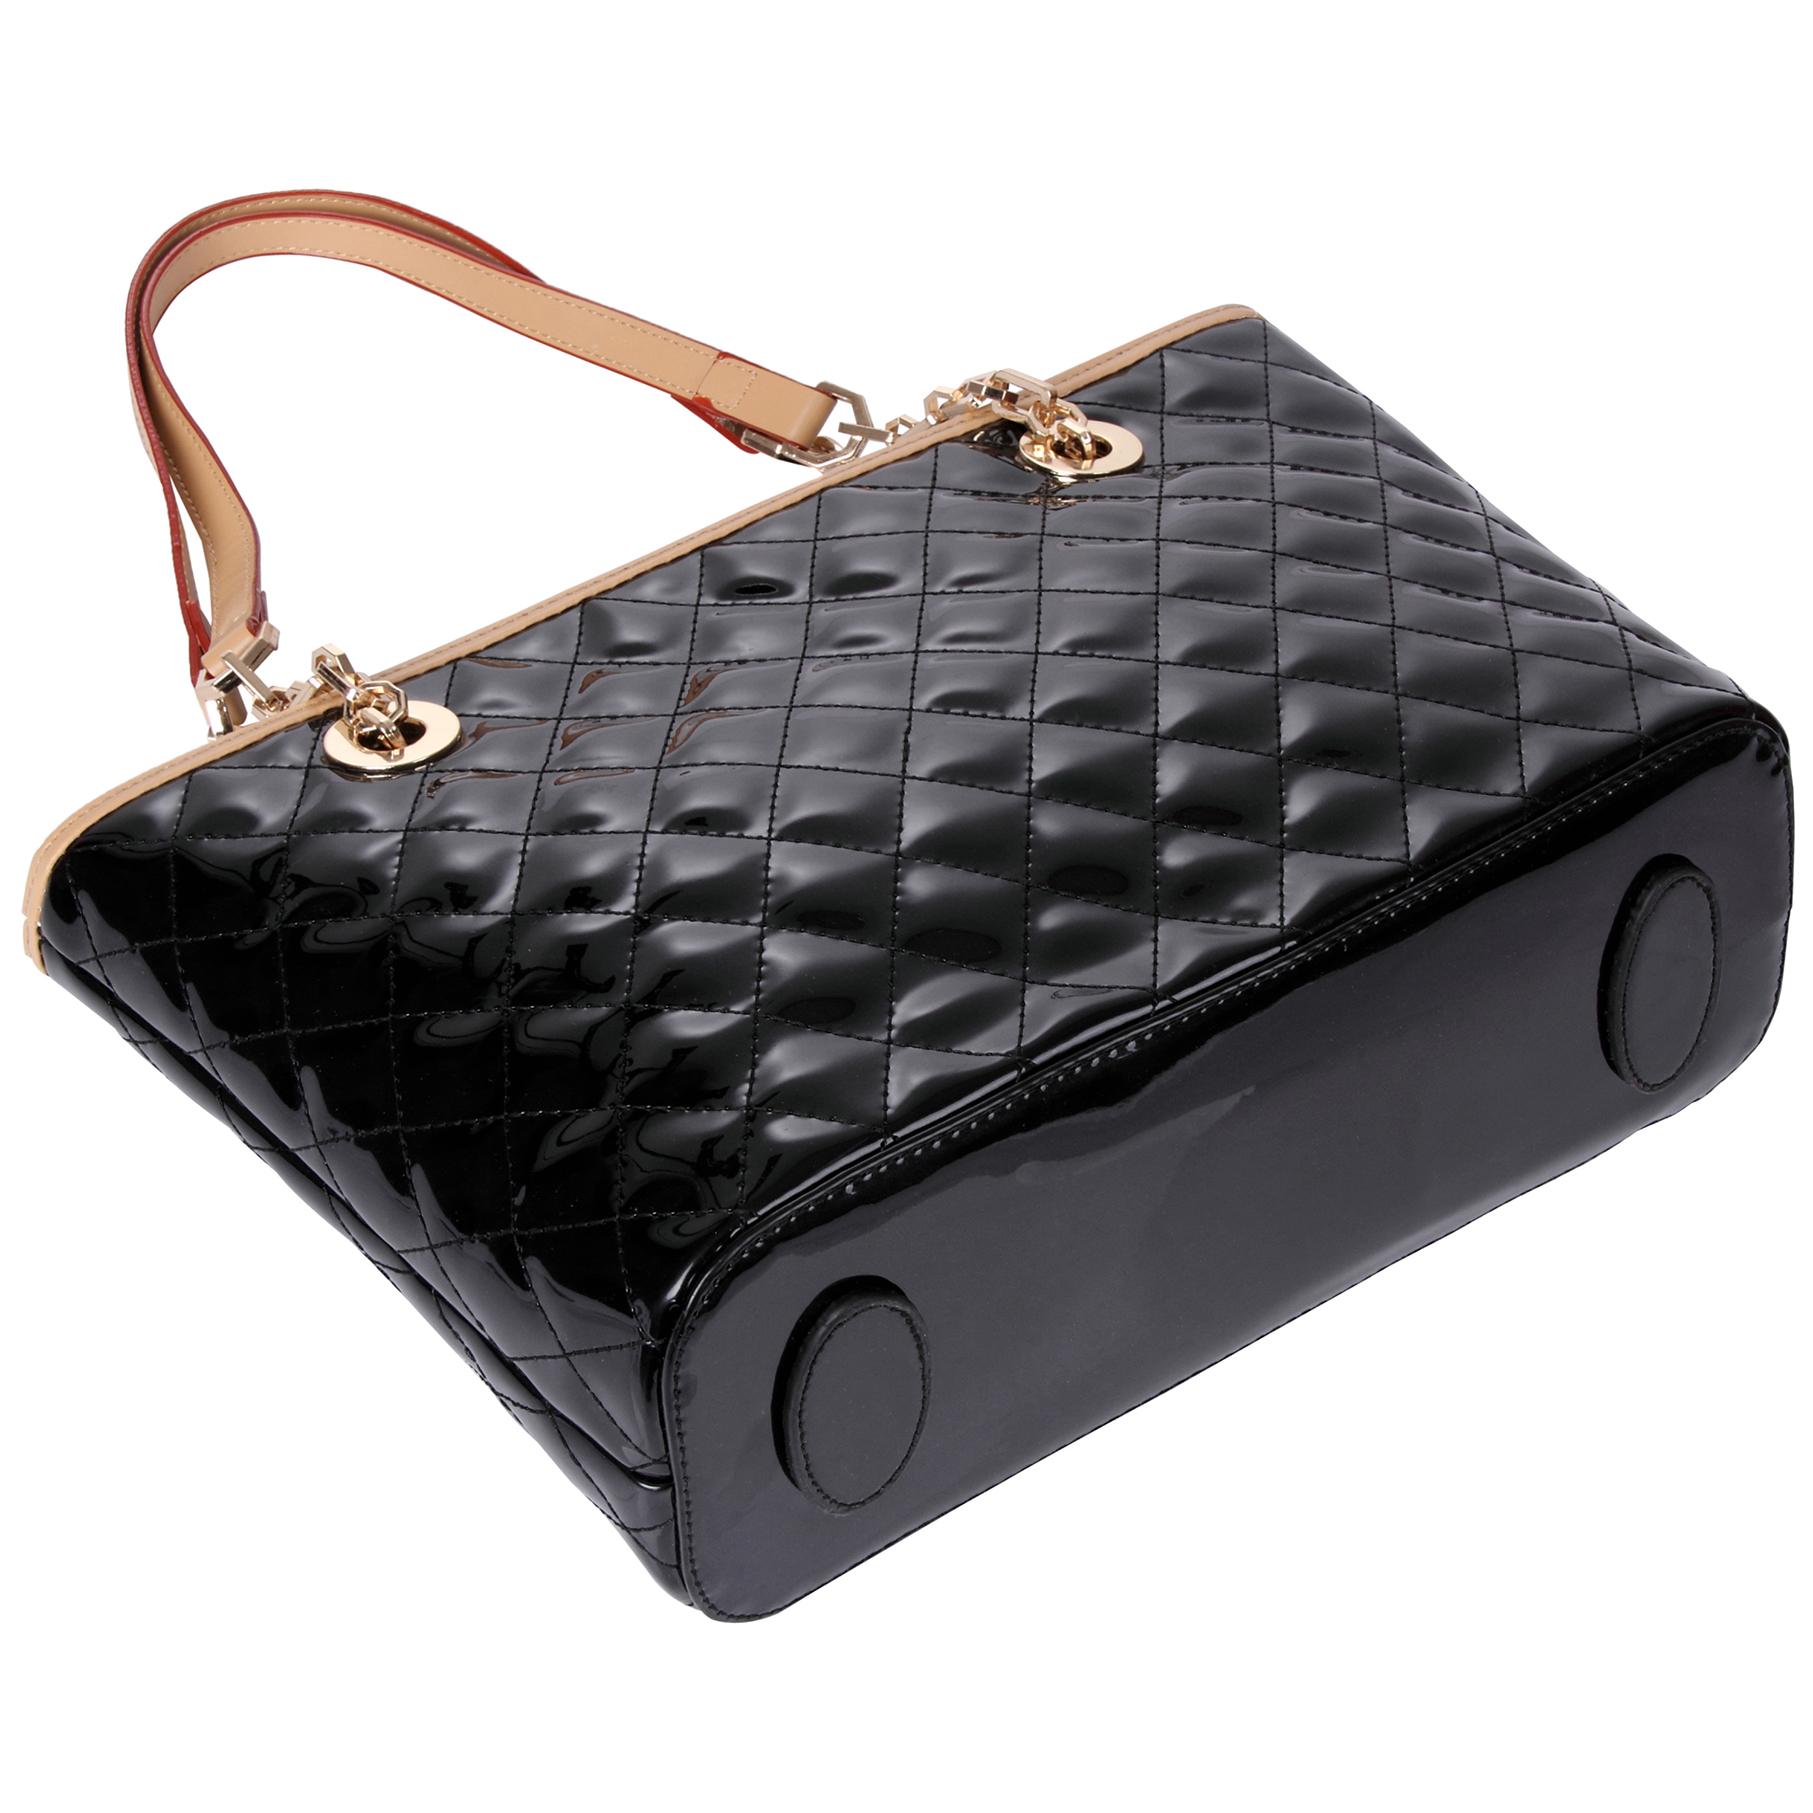 leryn black quilted patent leather designer shoulder bag tote image of the bottom